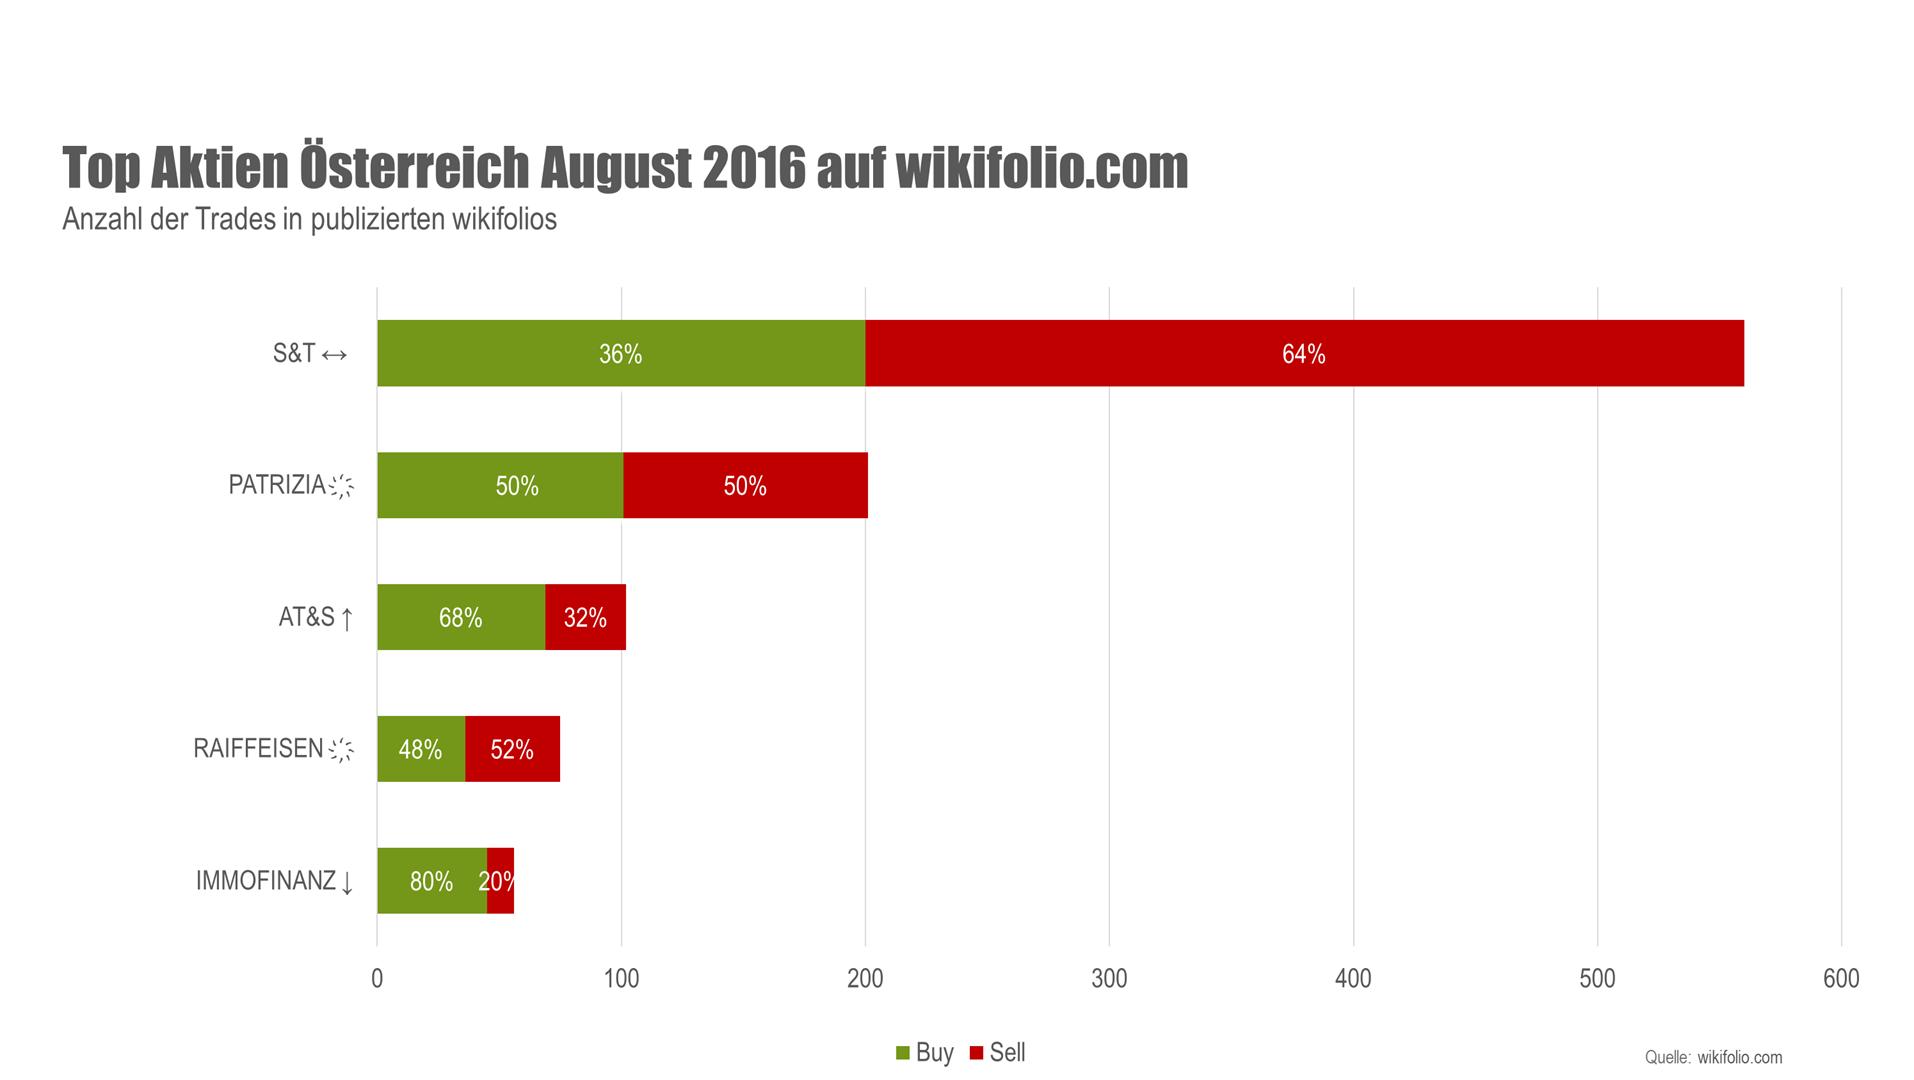 Grafik Top-5-Aktien Österreich August